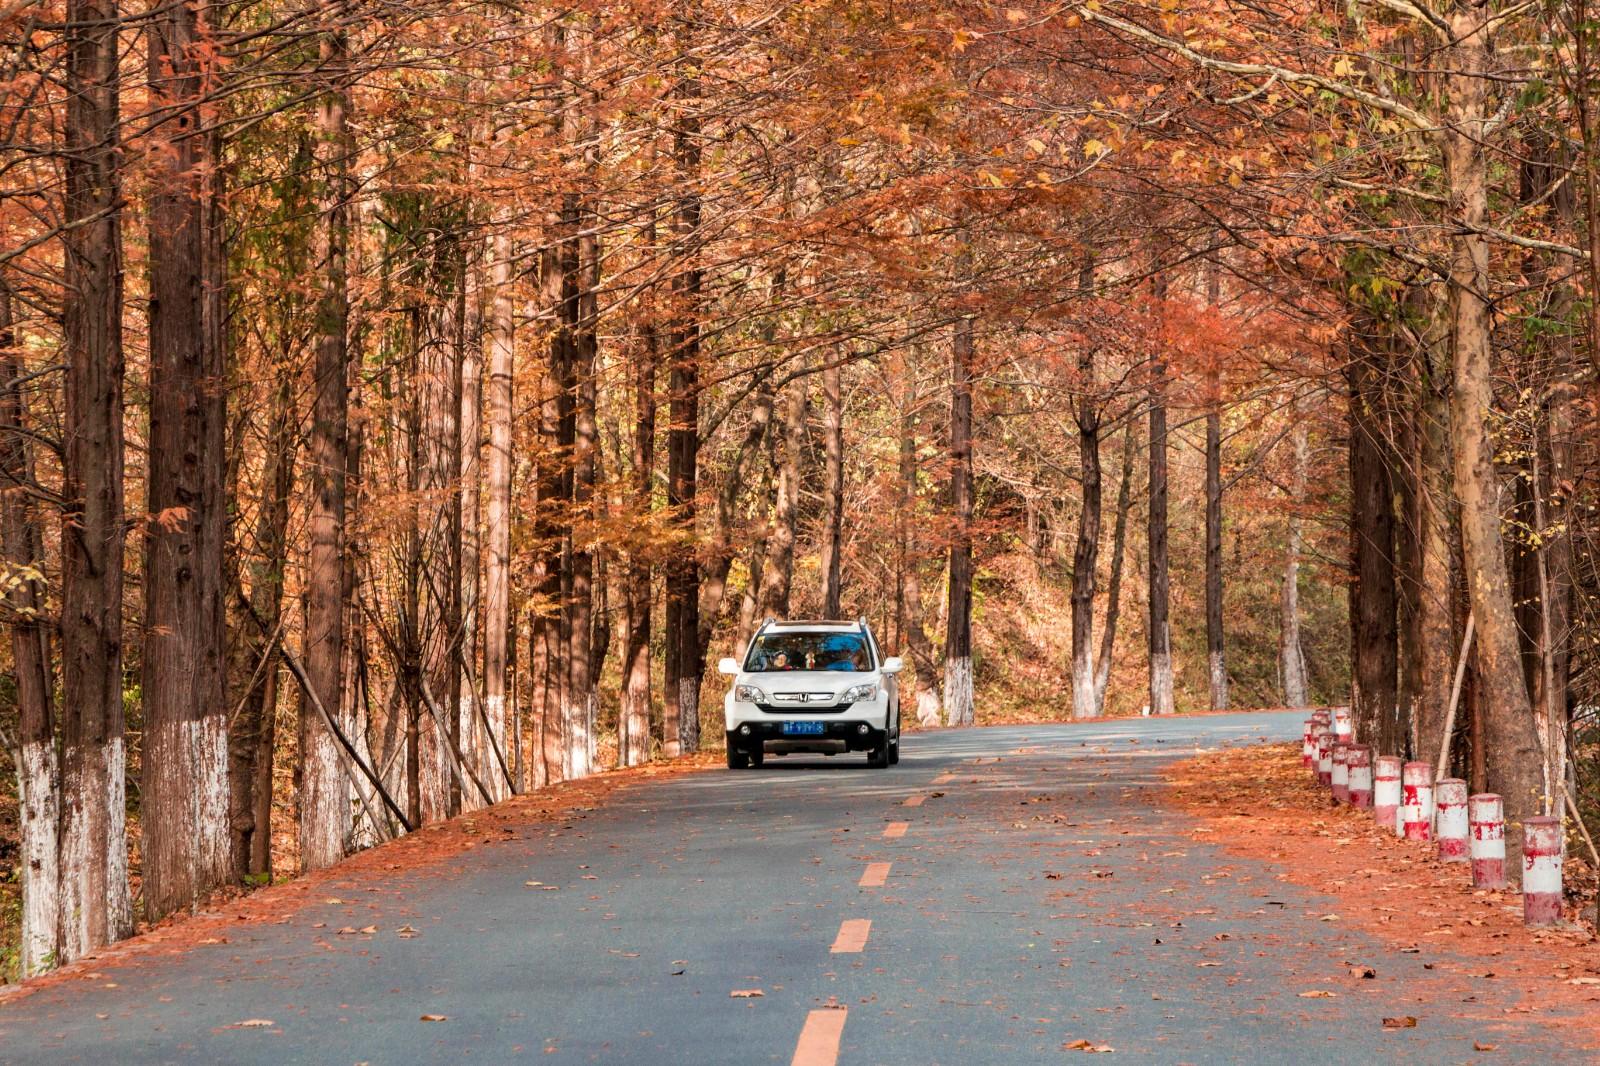 【年末去哪玩】自驾秦岭南坡秘境,看遍汉中最美秋景